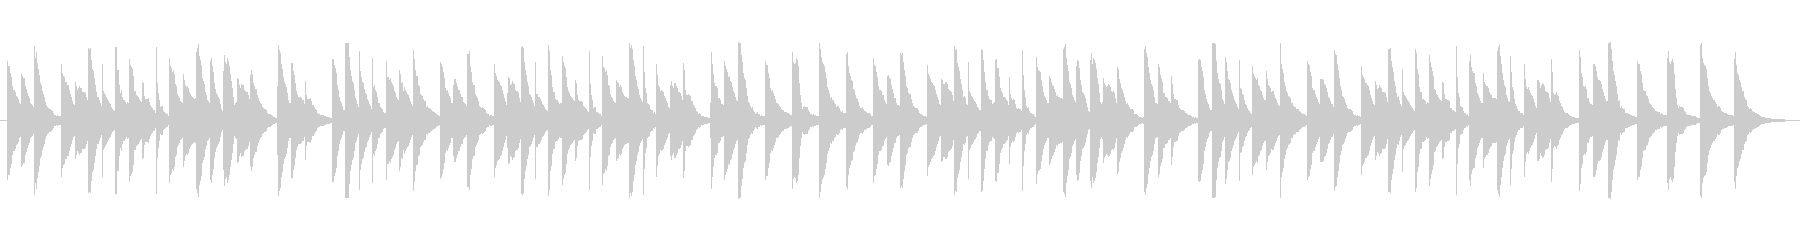 シンプルで優しいオルゴール曲の未再生の波形